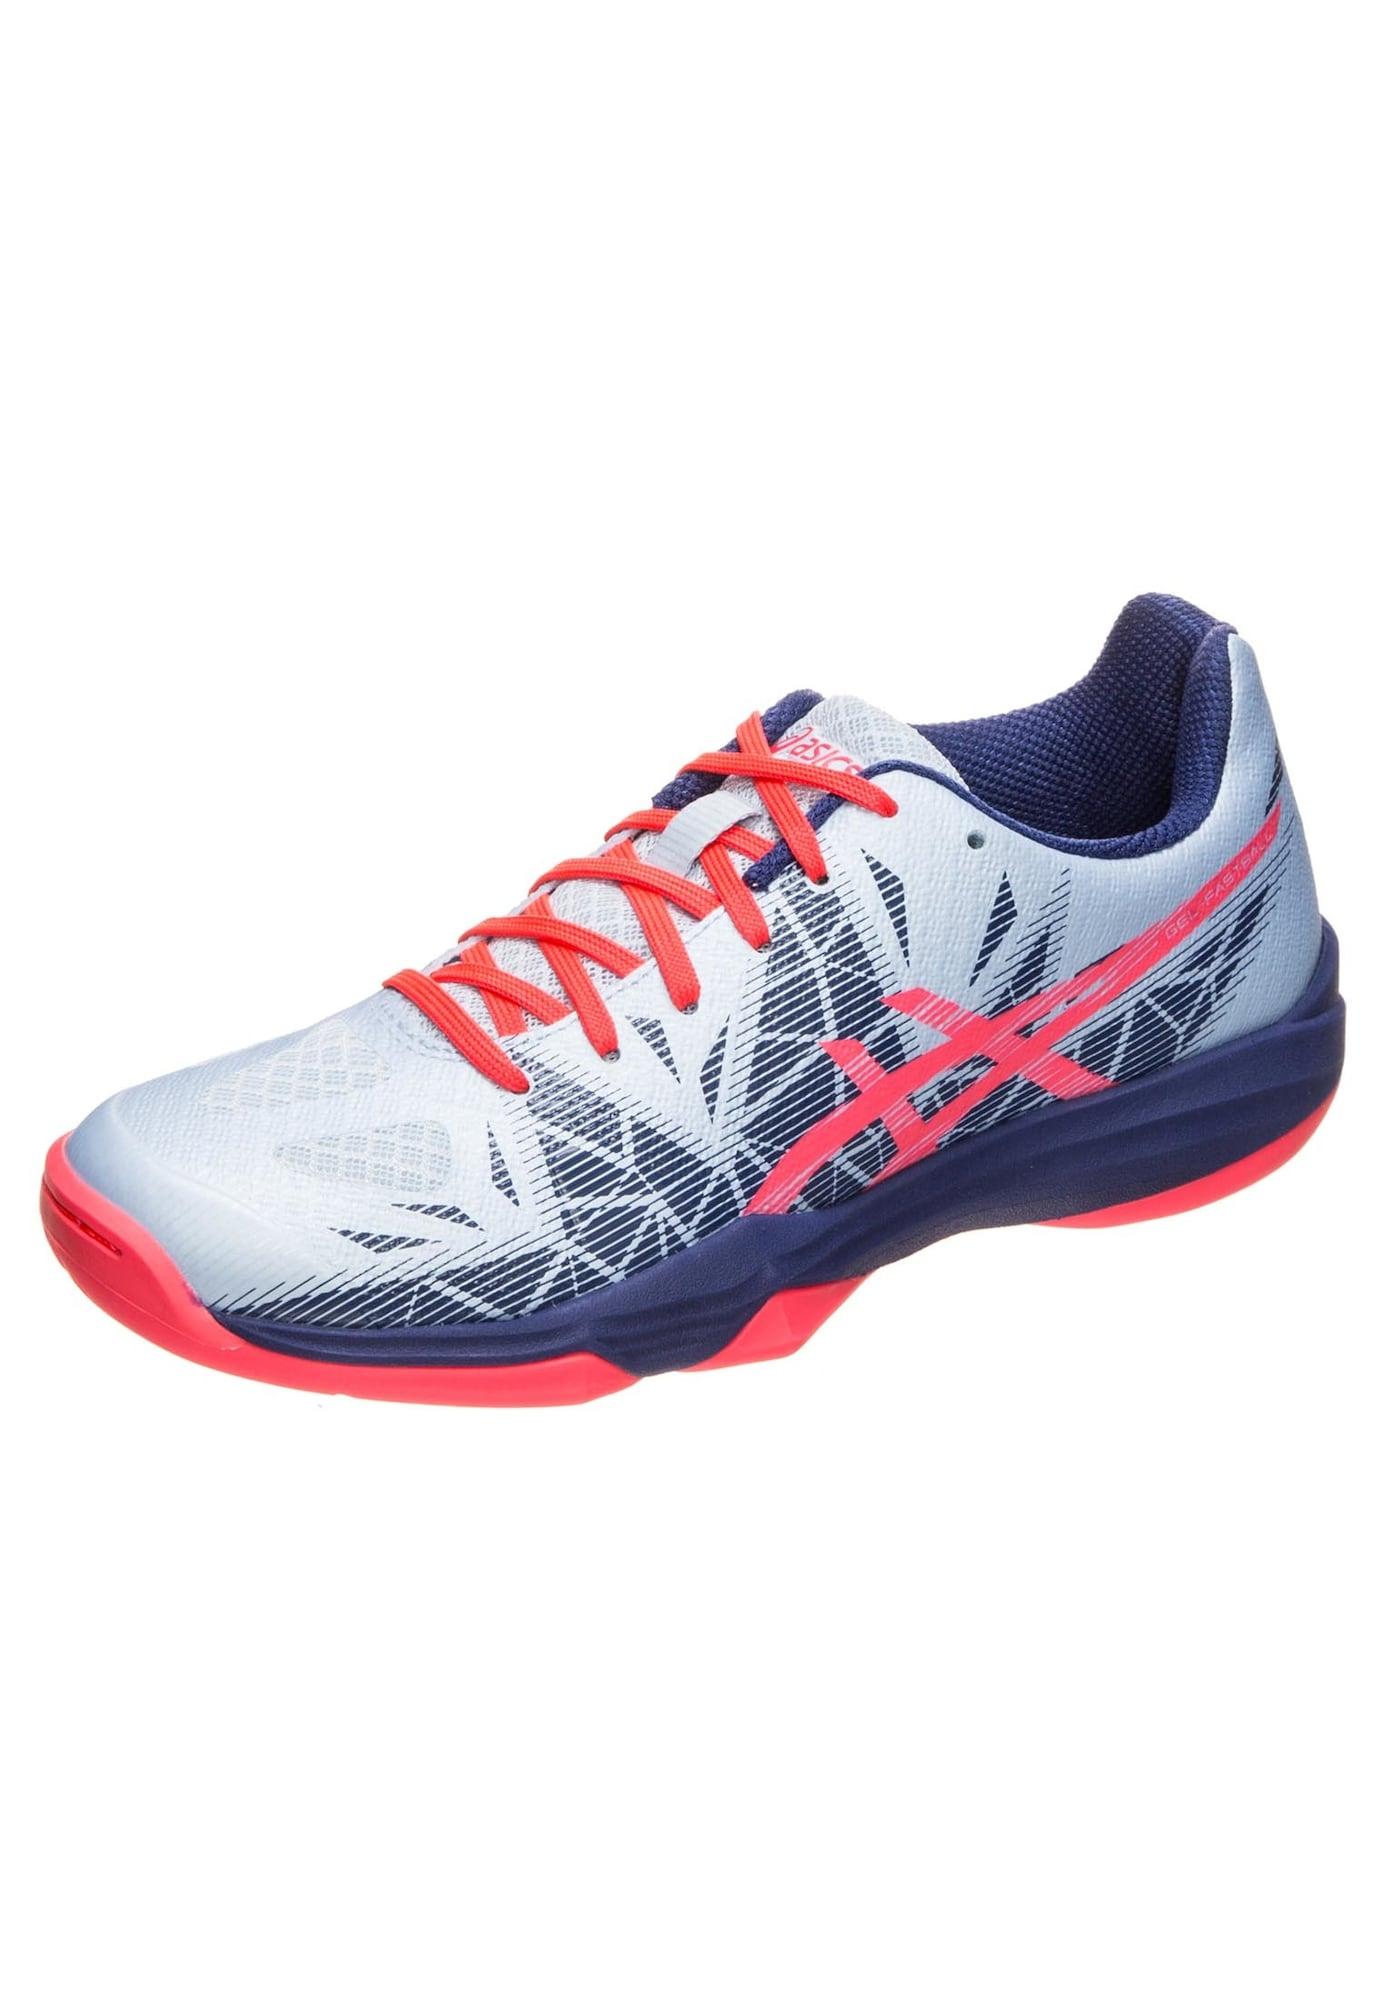 Handballschuh 'GEL-Fastball 3' | Schuhe > Sportschuhe > Handballschuhe | ASICS